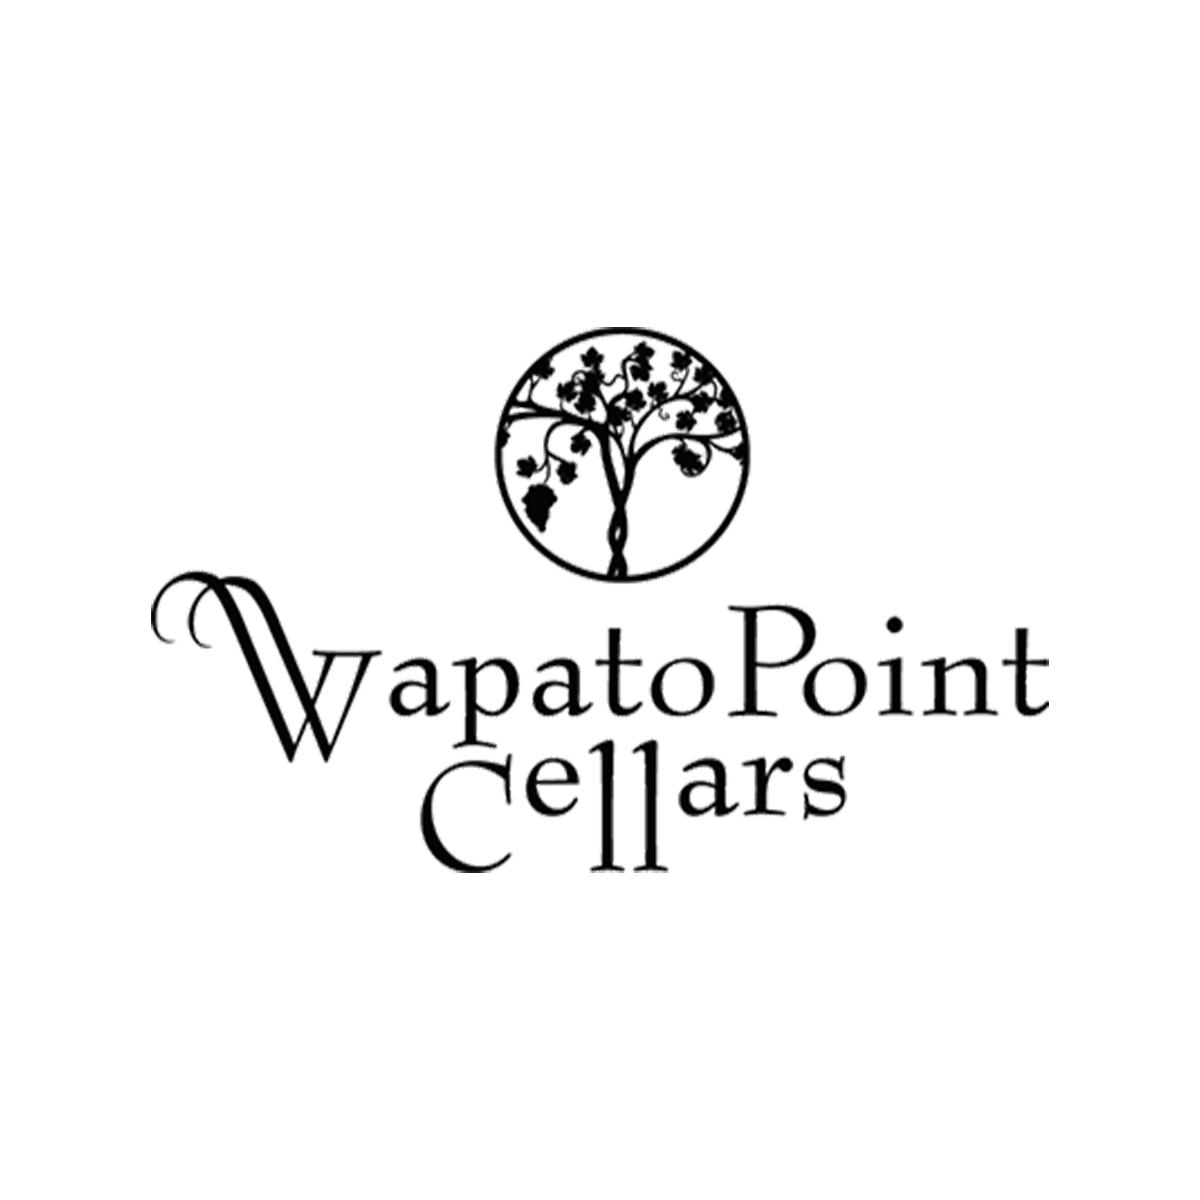 Wapato Point Cellars logo